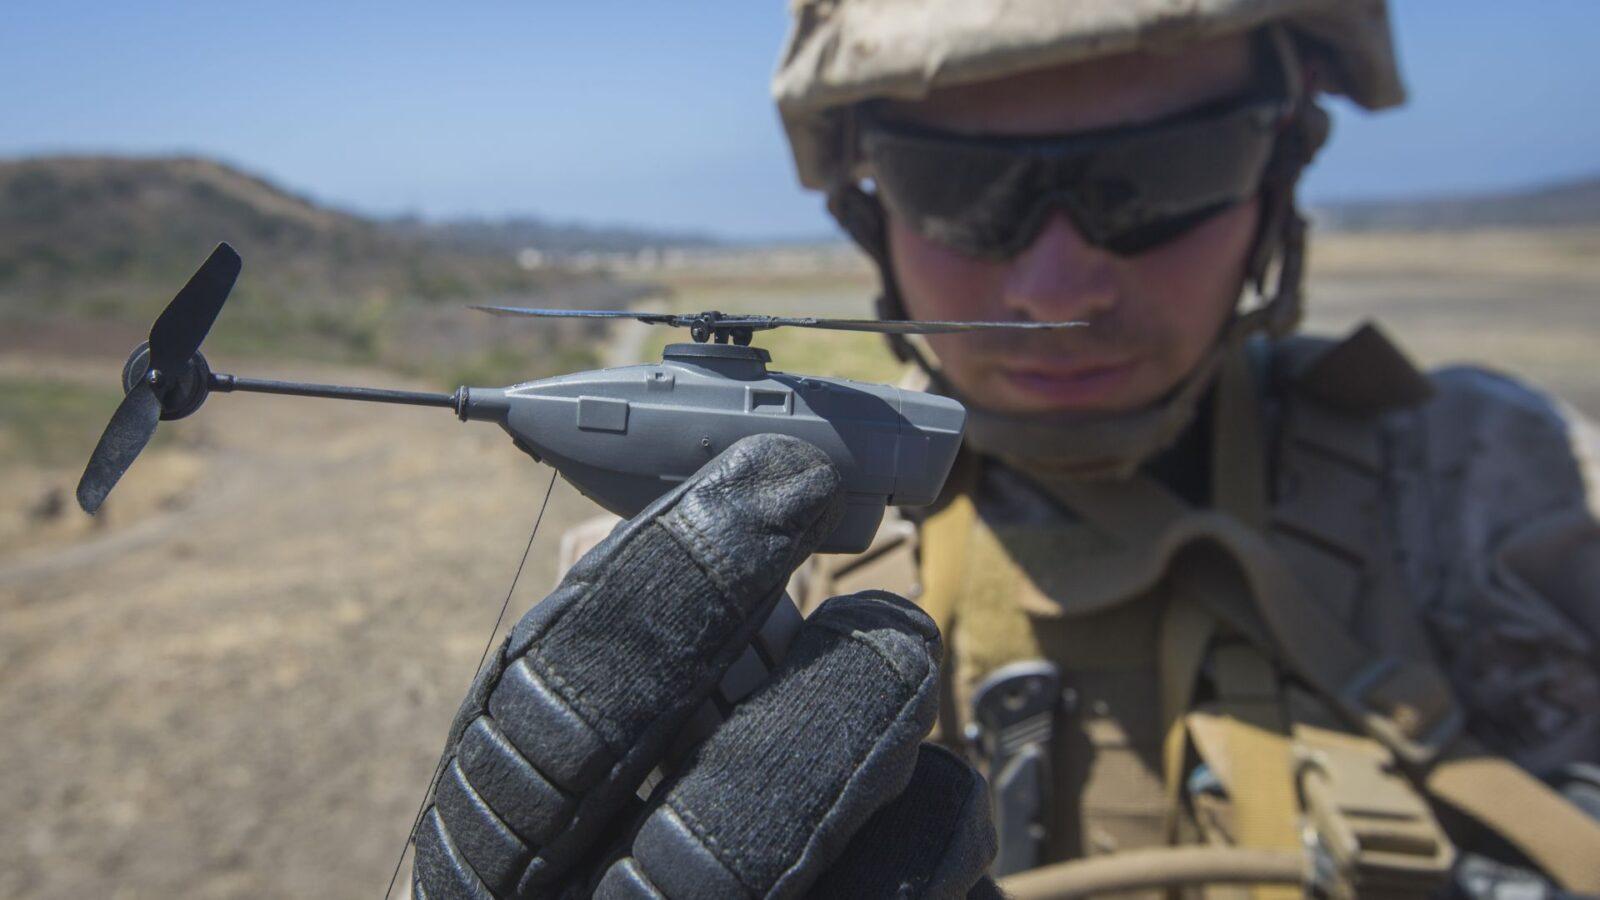 Армия США заключила контракт с компанией FLIR Systems на очередную поставку дрона Black Hornet 3